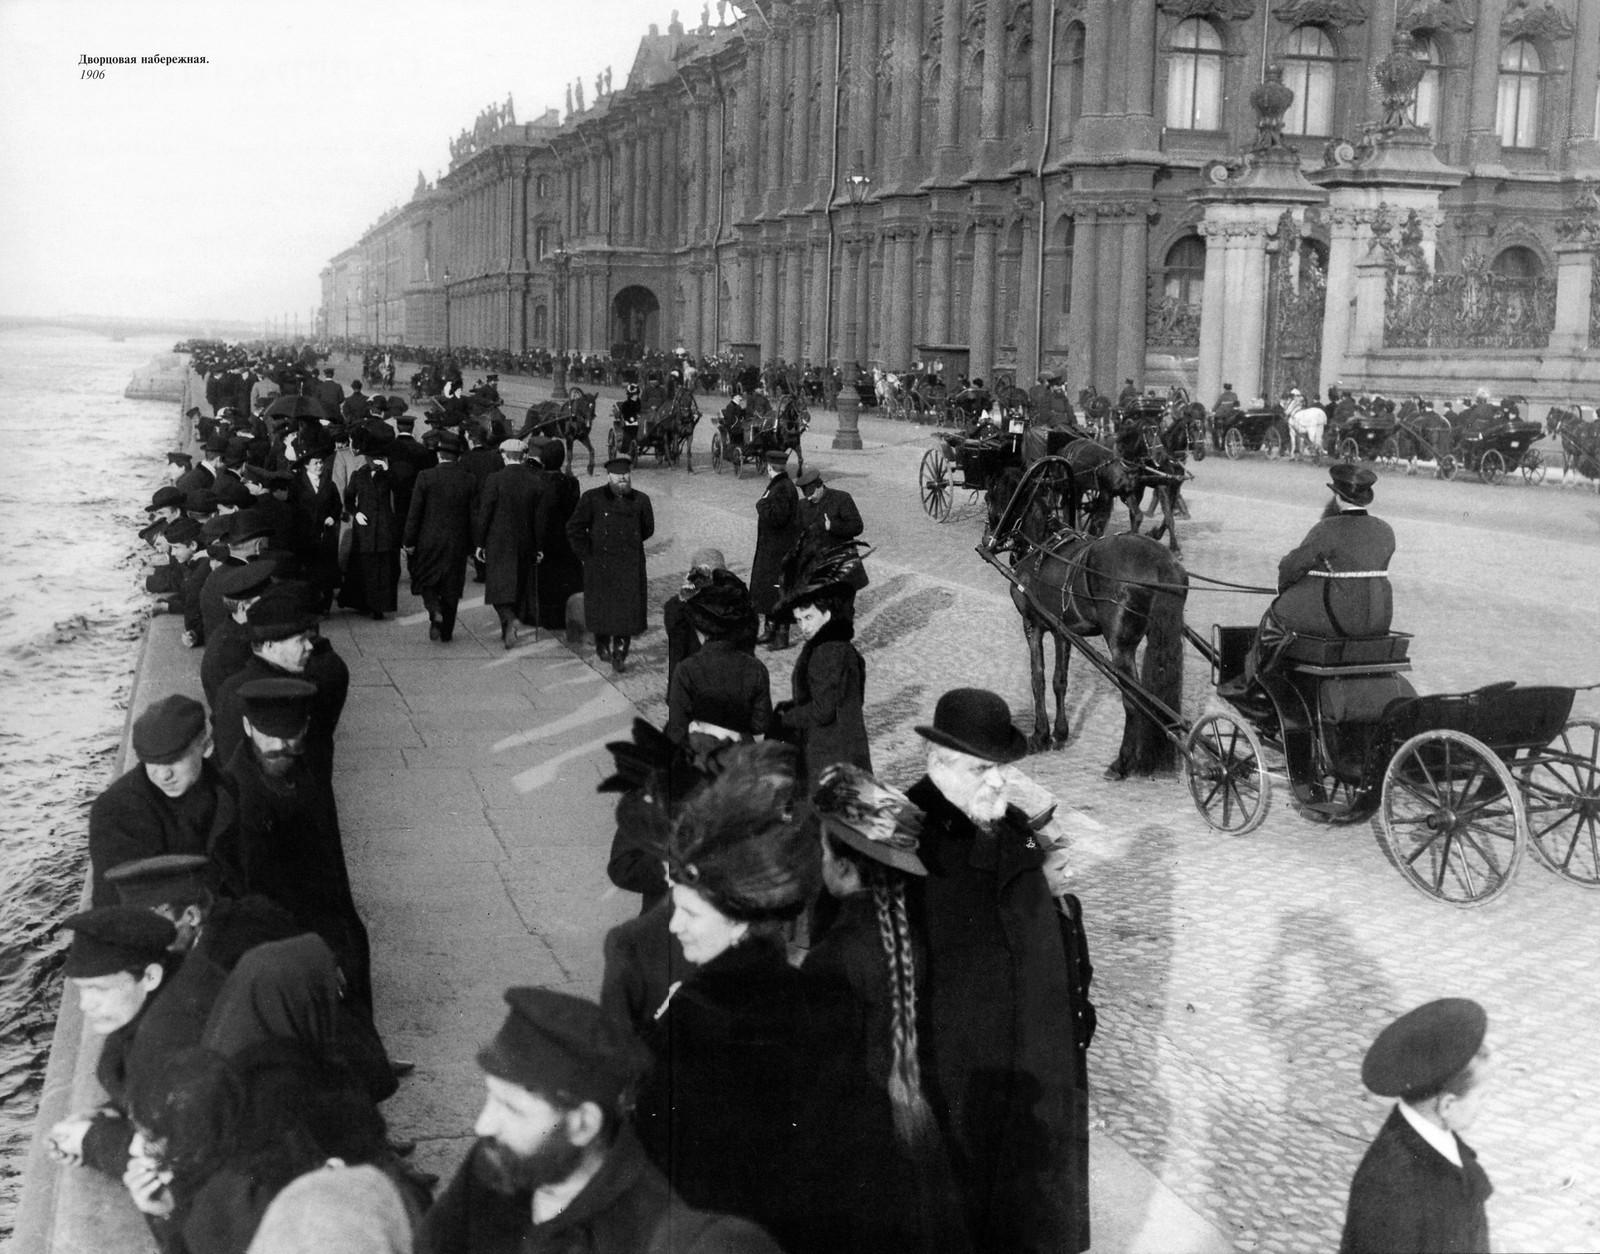 Дворцовая набережная. 1906